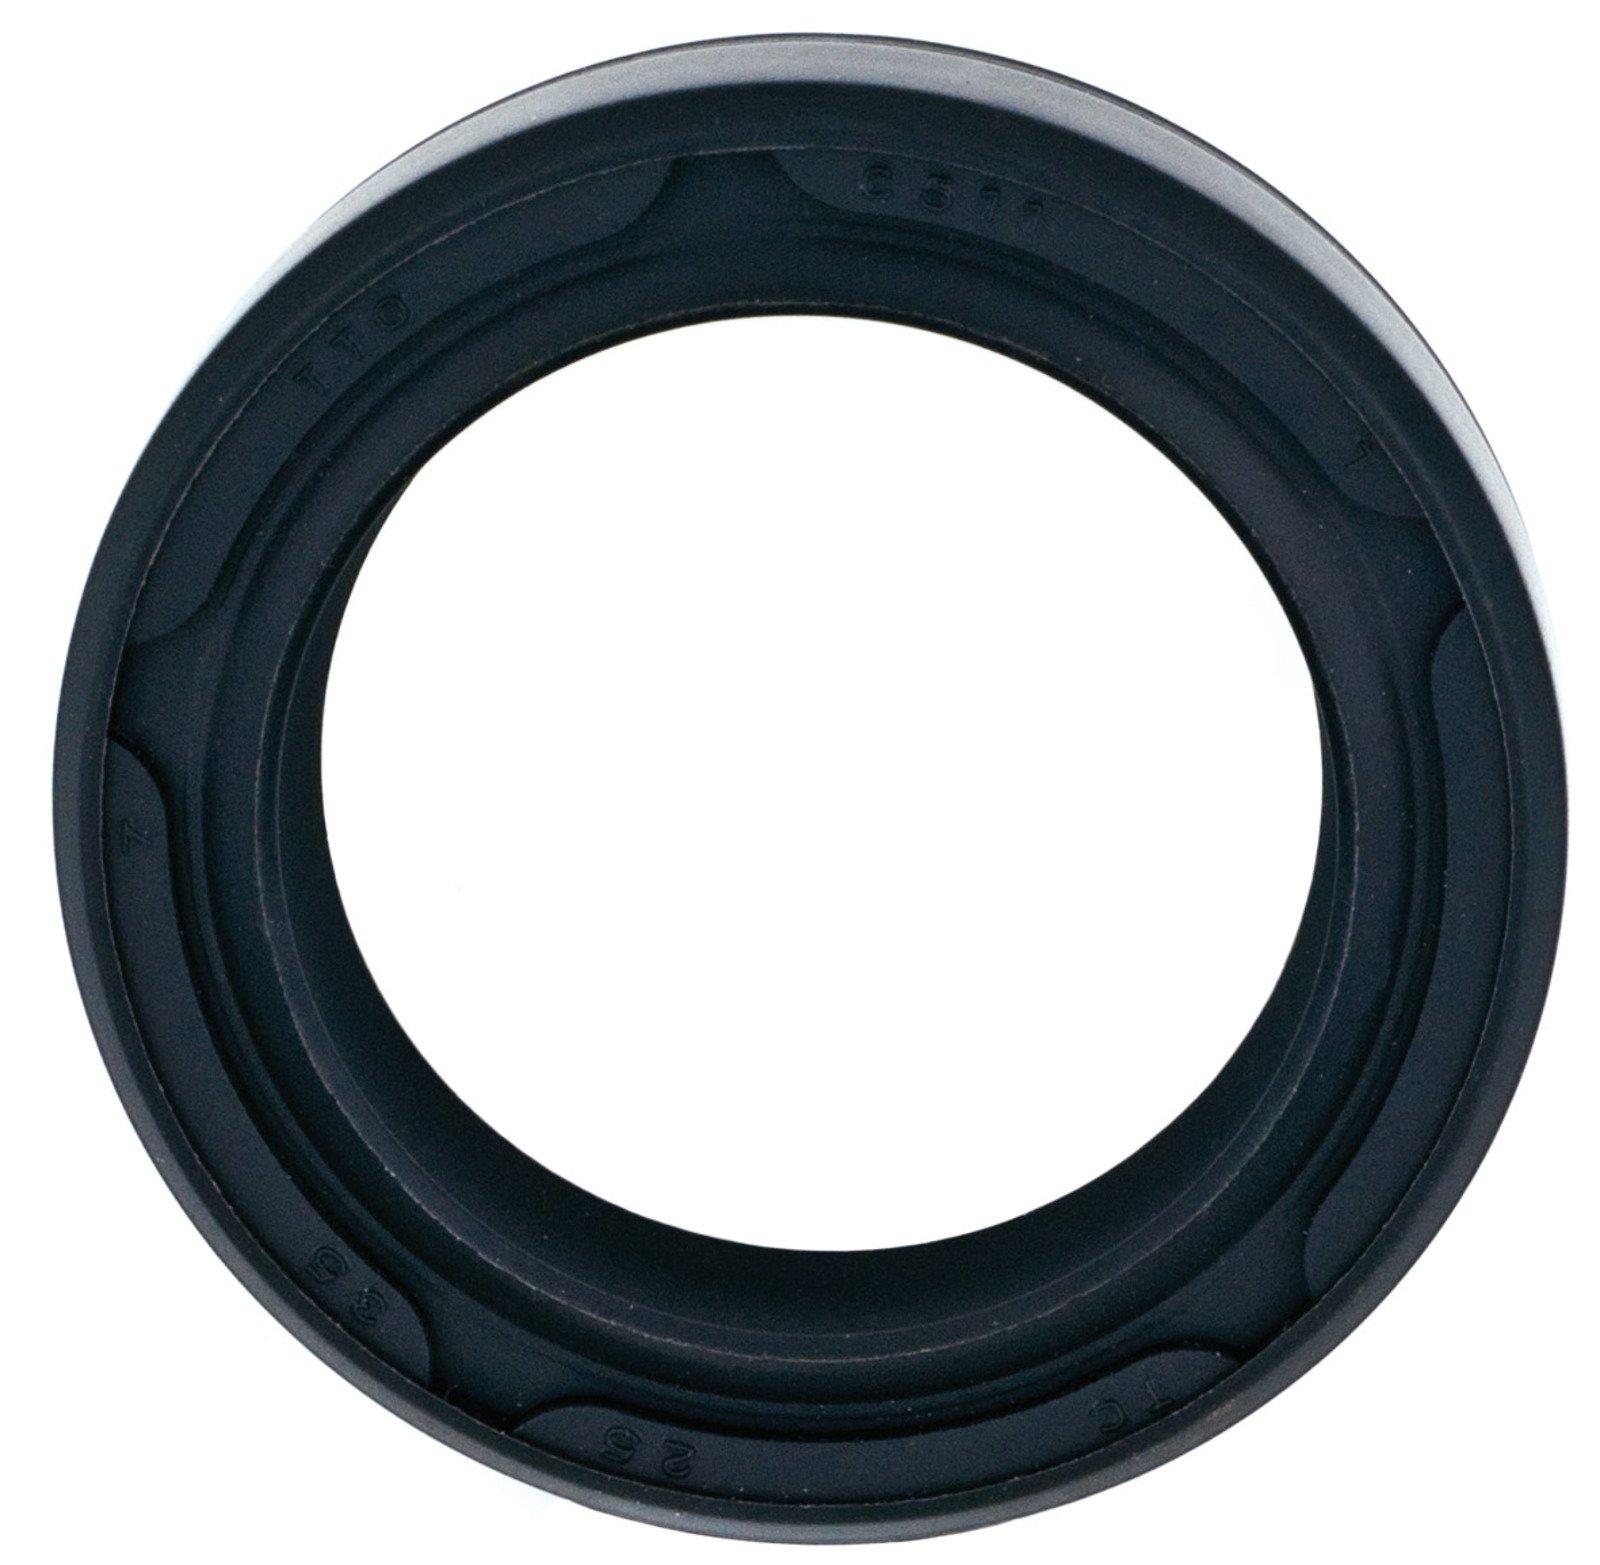 Kick Start Shaft Seal 25x35x7mm 93102-25064 for XT500 SR500 TT500 5-036